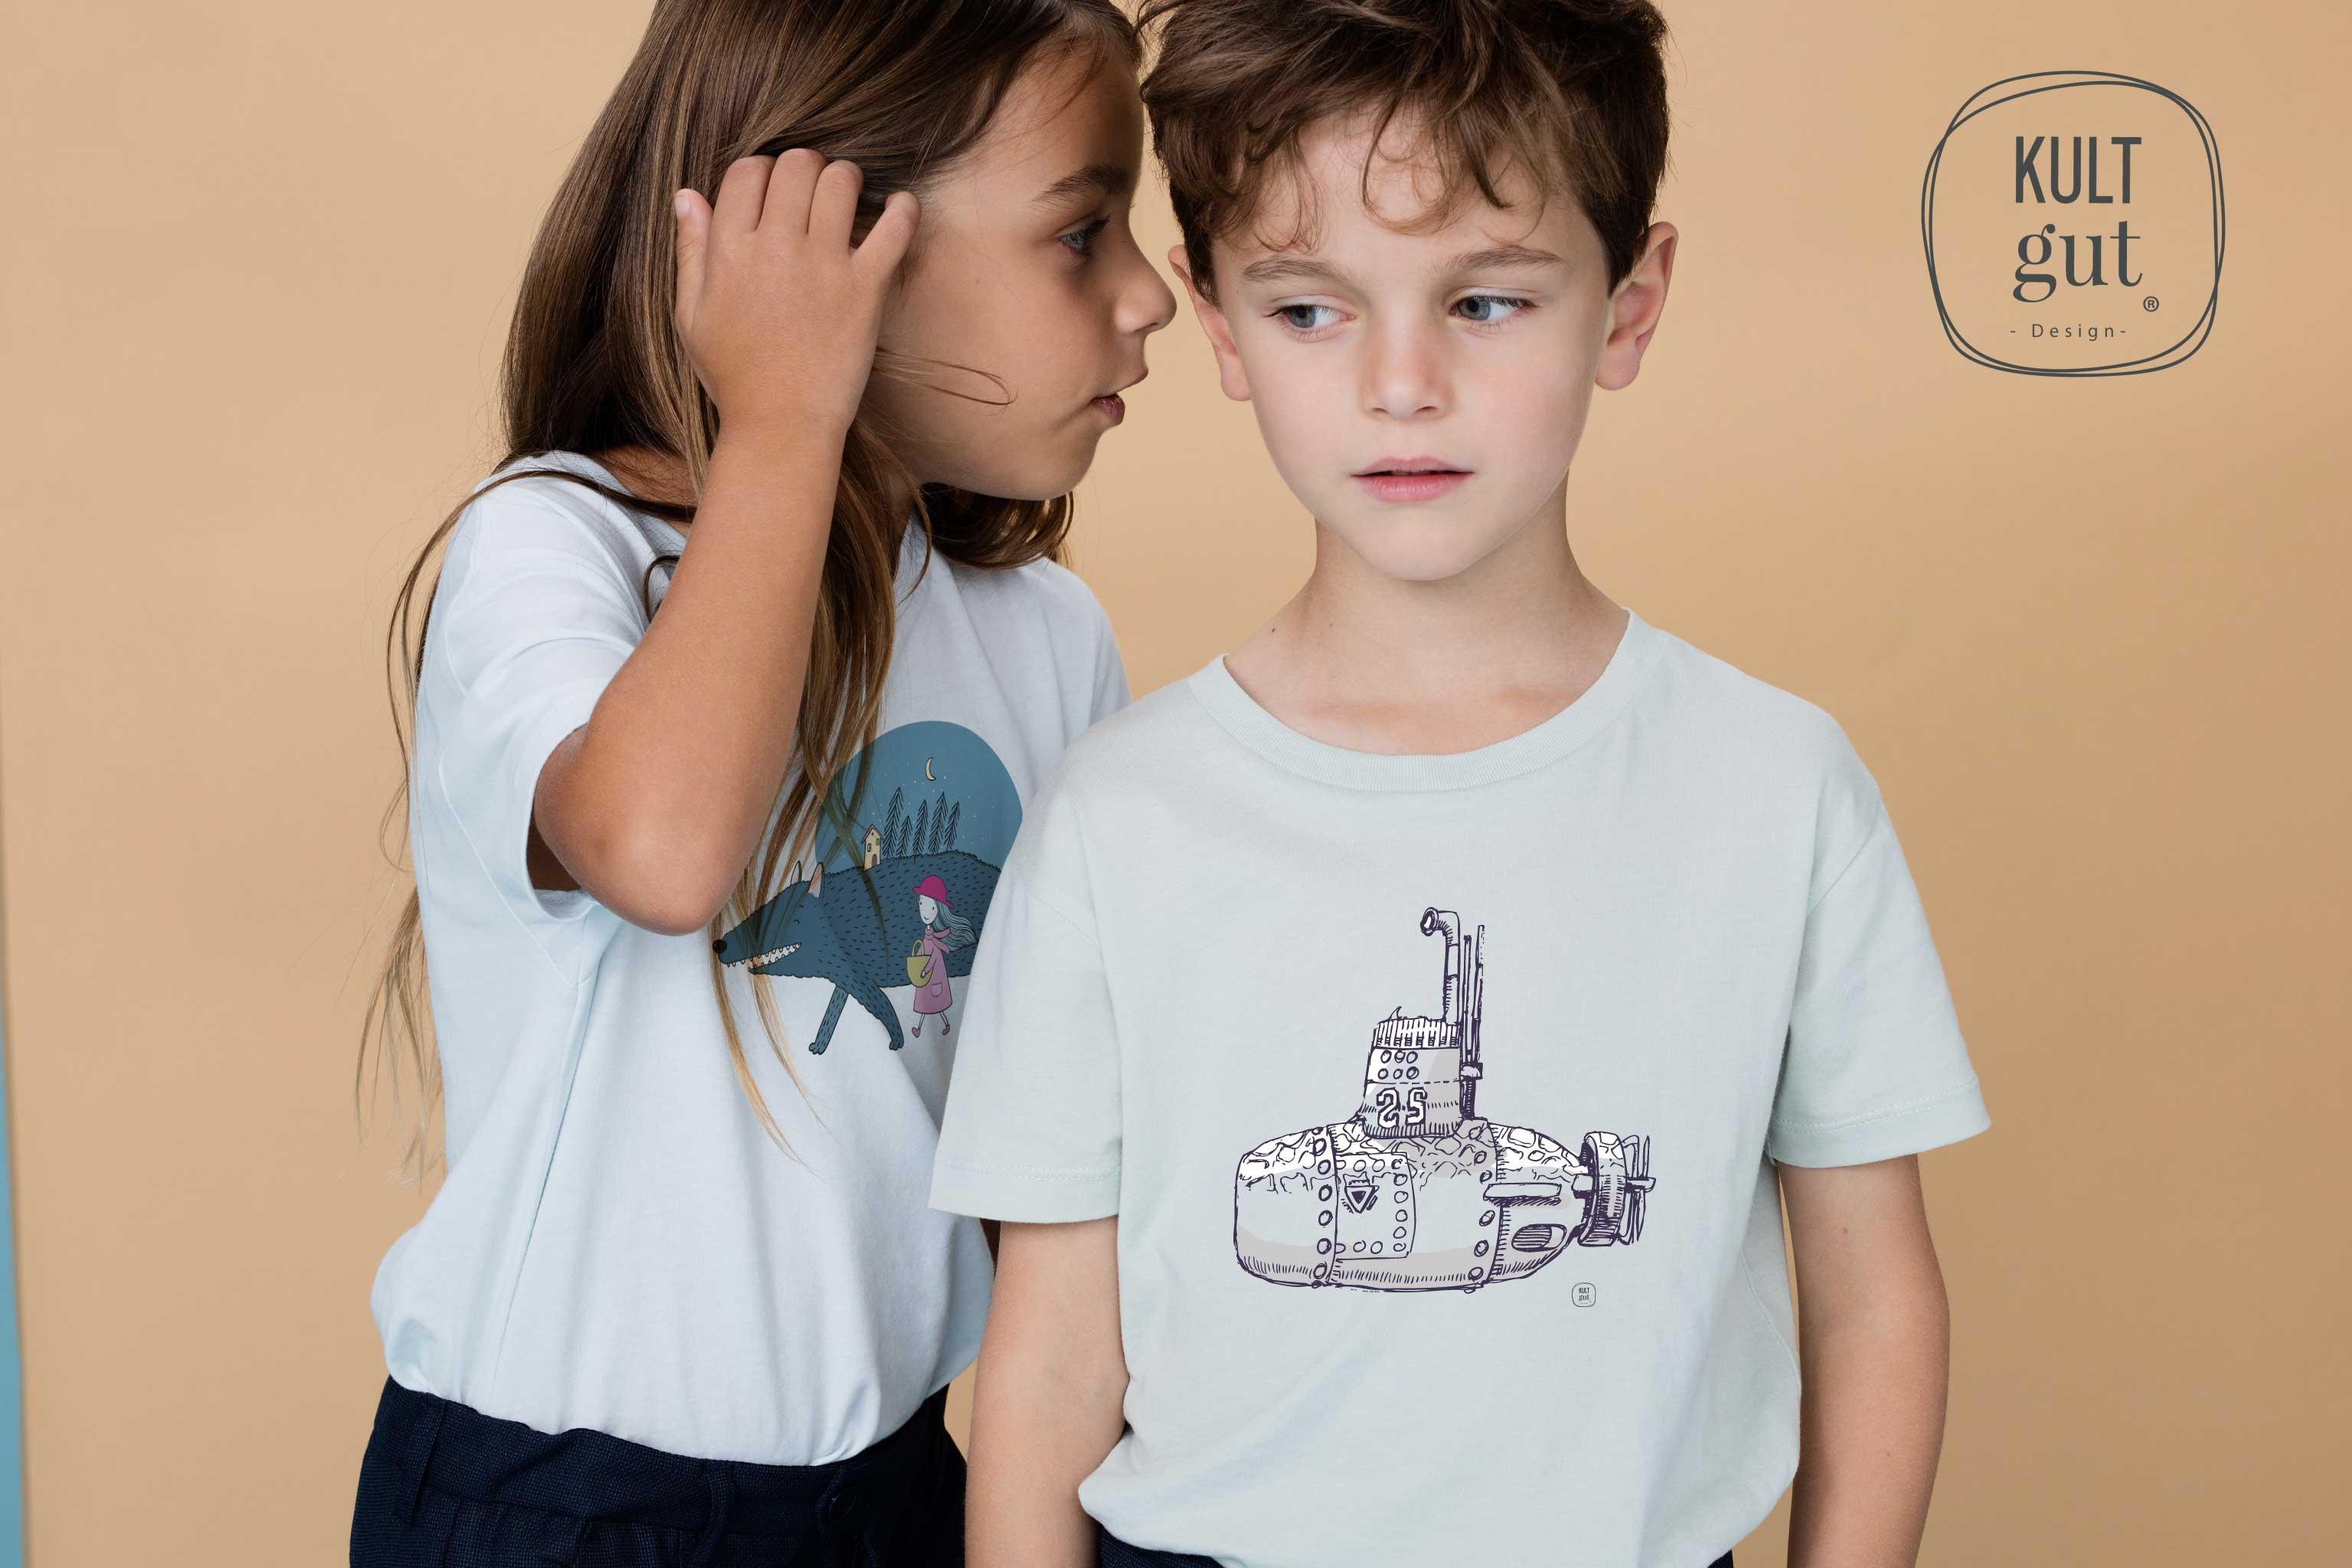 Shirt_Kultgut_Mood_Kids_Shirt_Kids